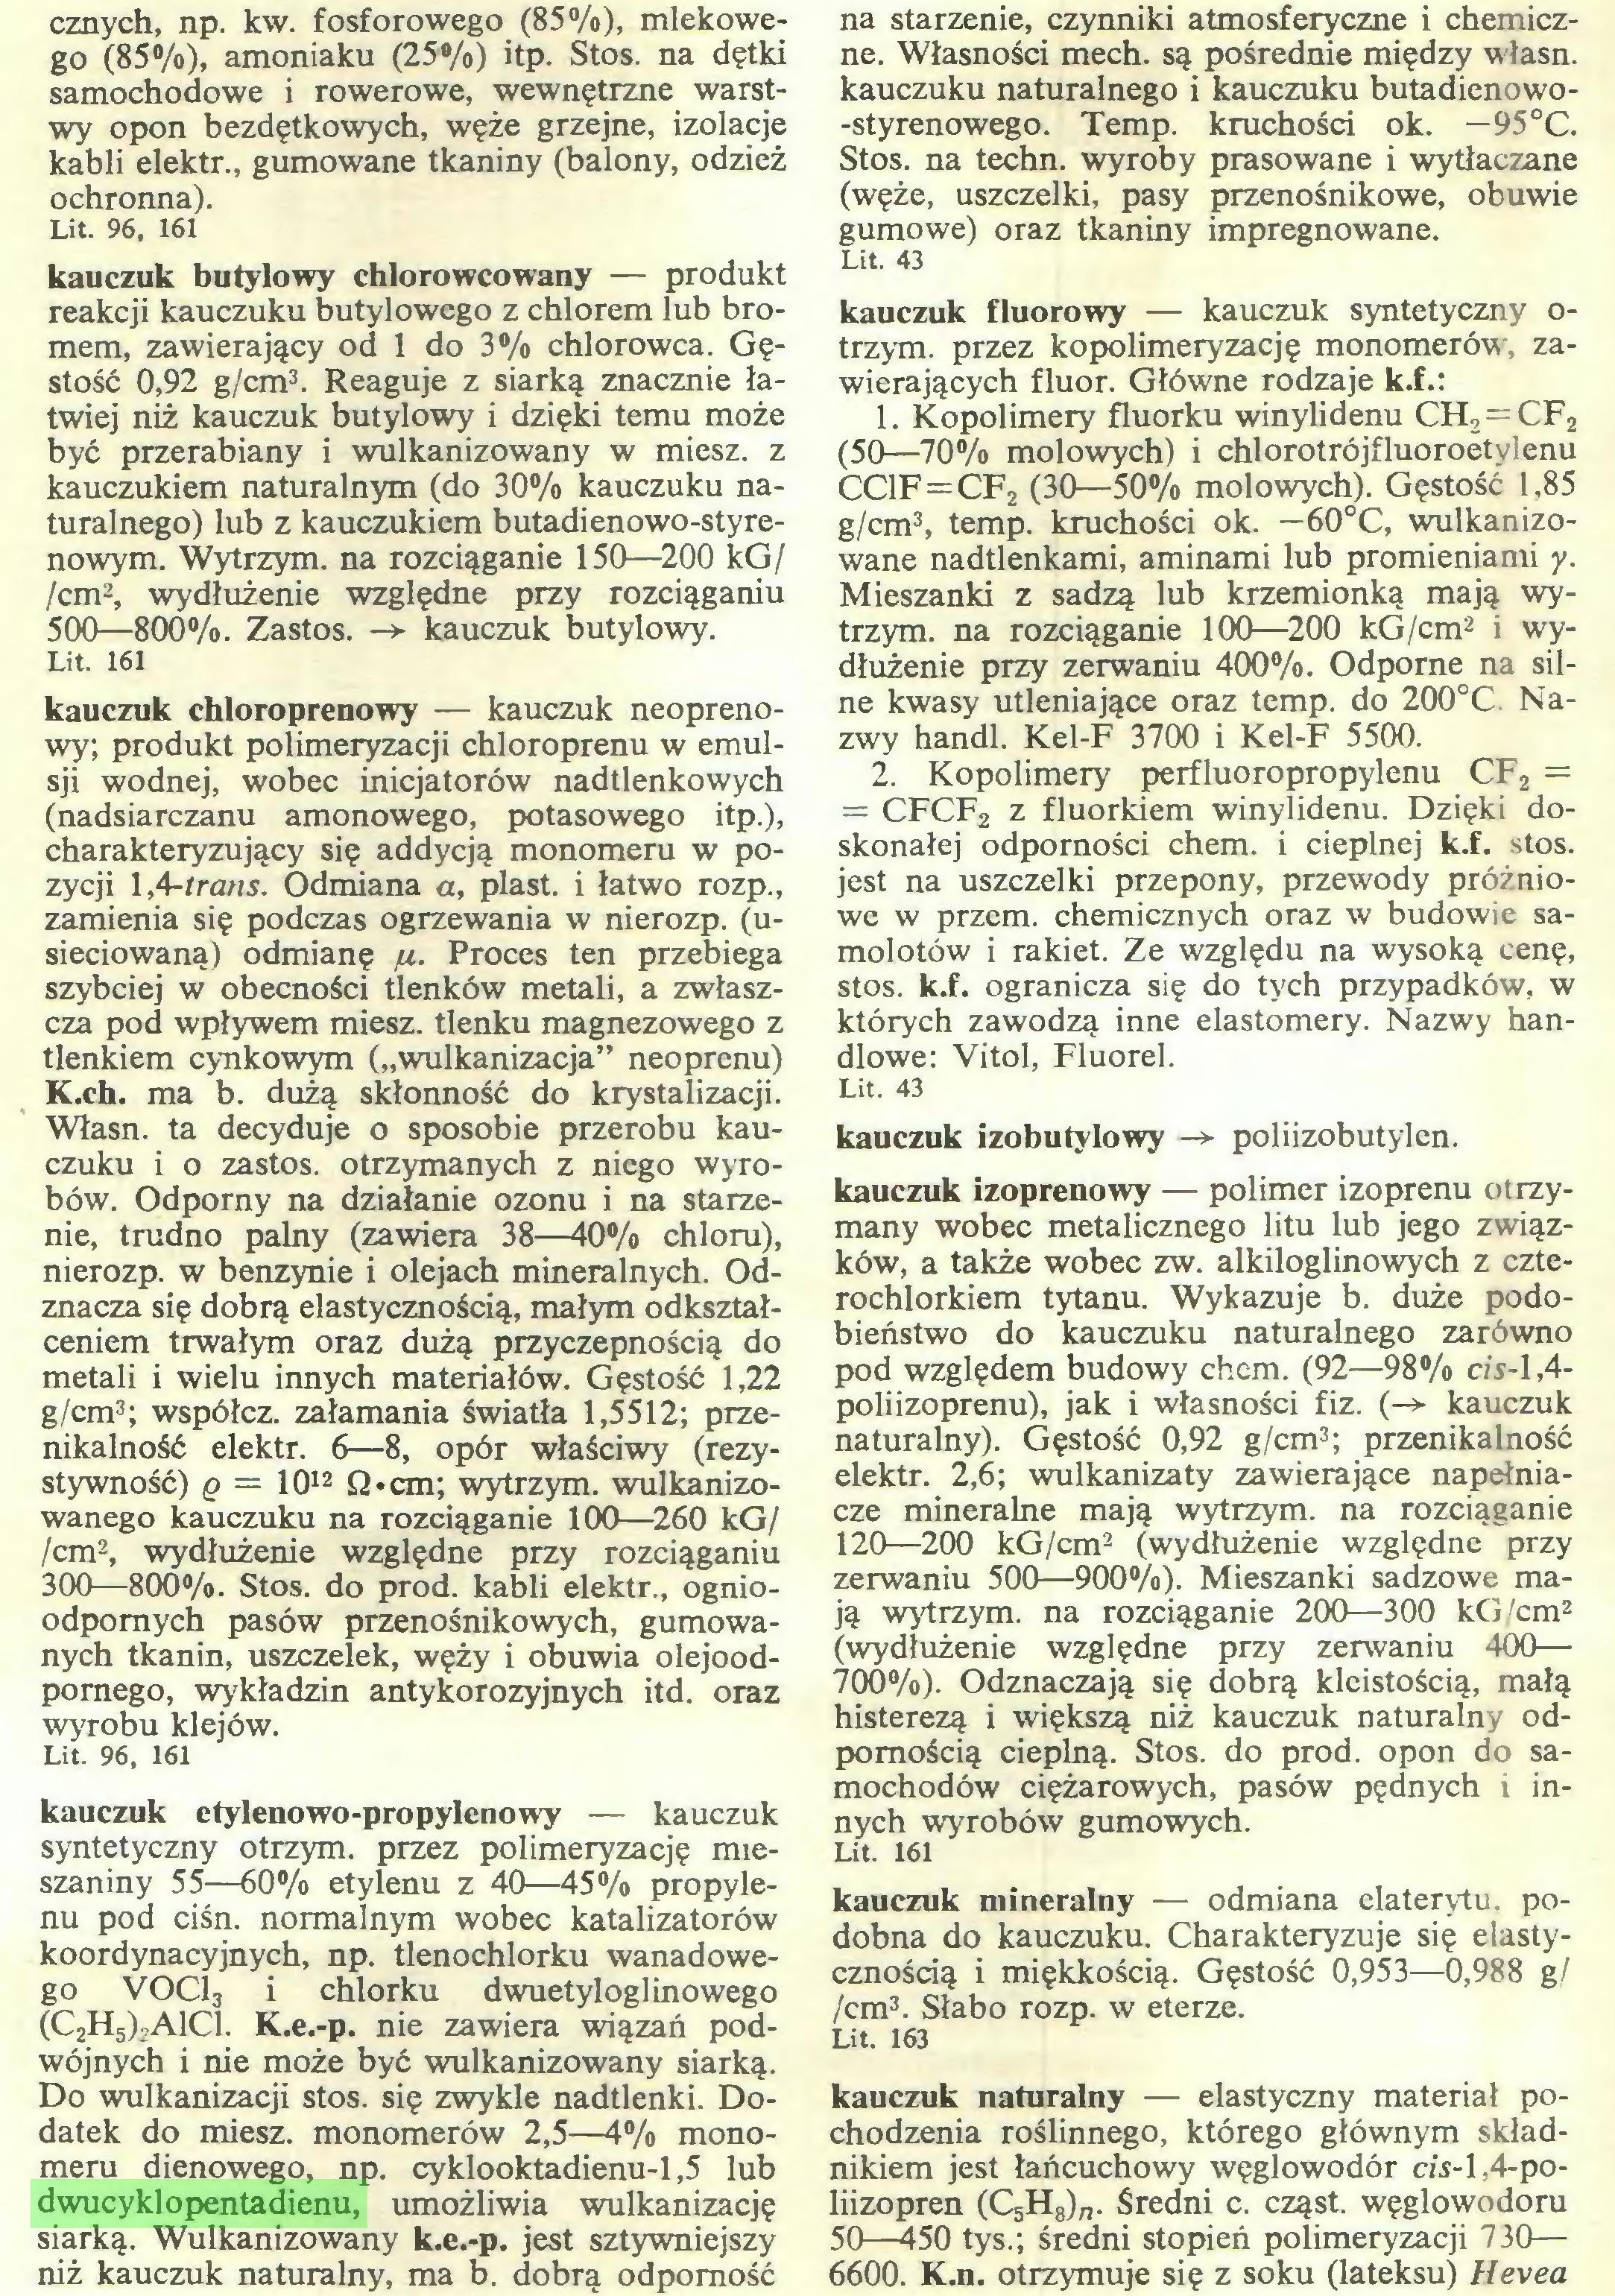 (...) Do wulkanizacji stos. się zwykle nadtlenki. Dodatek do miesz. monomerów 2,5—4% monomeru dienowego, np. cyklooktadienu-1,5 lub dwucyklopentadienu, umożliwia wulkanizację siarką. Wulkanizowany k.e.-p. jest sztywniejszy niż kauczuk naturalny, ma b. dobrą odporność na starzenie, czynniki atmosferyczne i chemiczne. Własności mech. są pośrednie między własn...